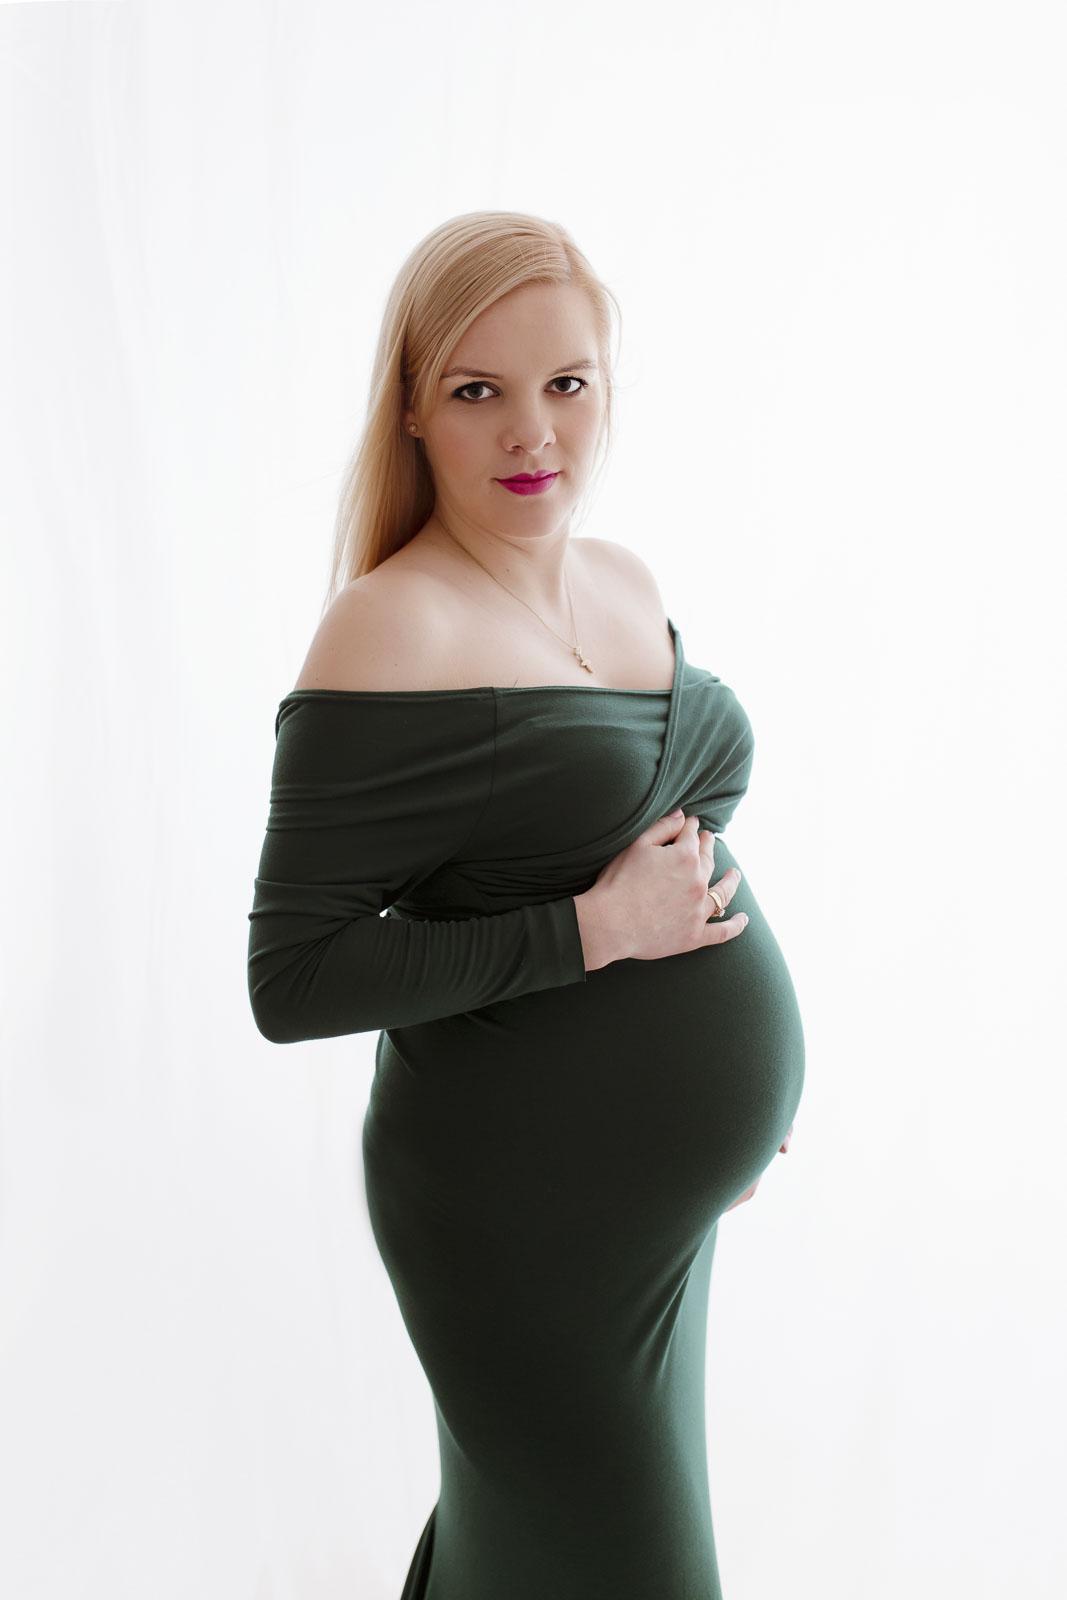 ciążowa 31